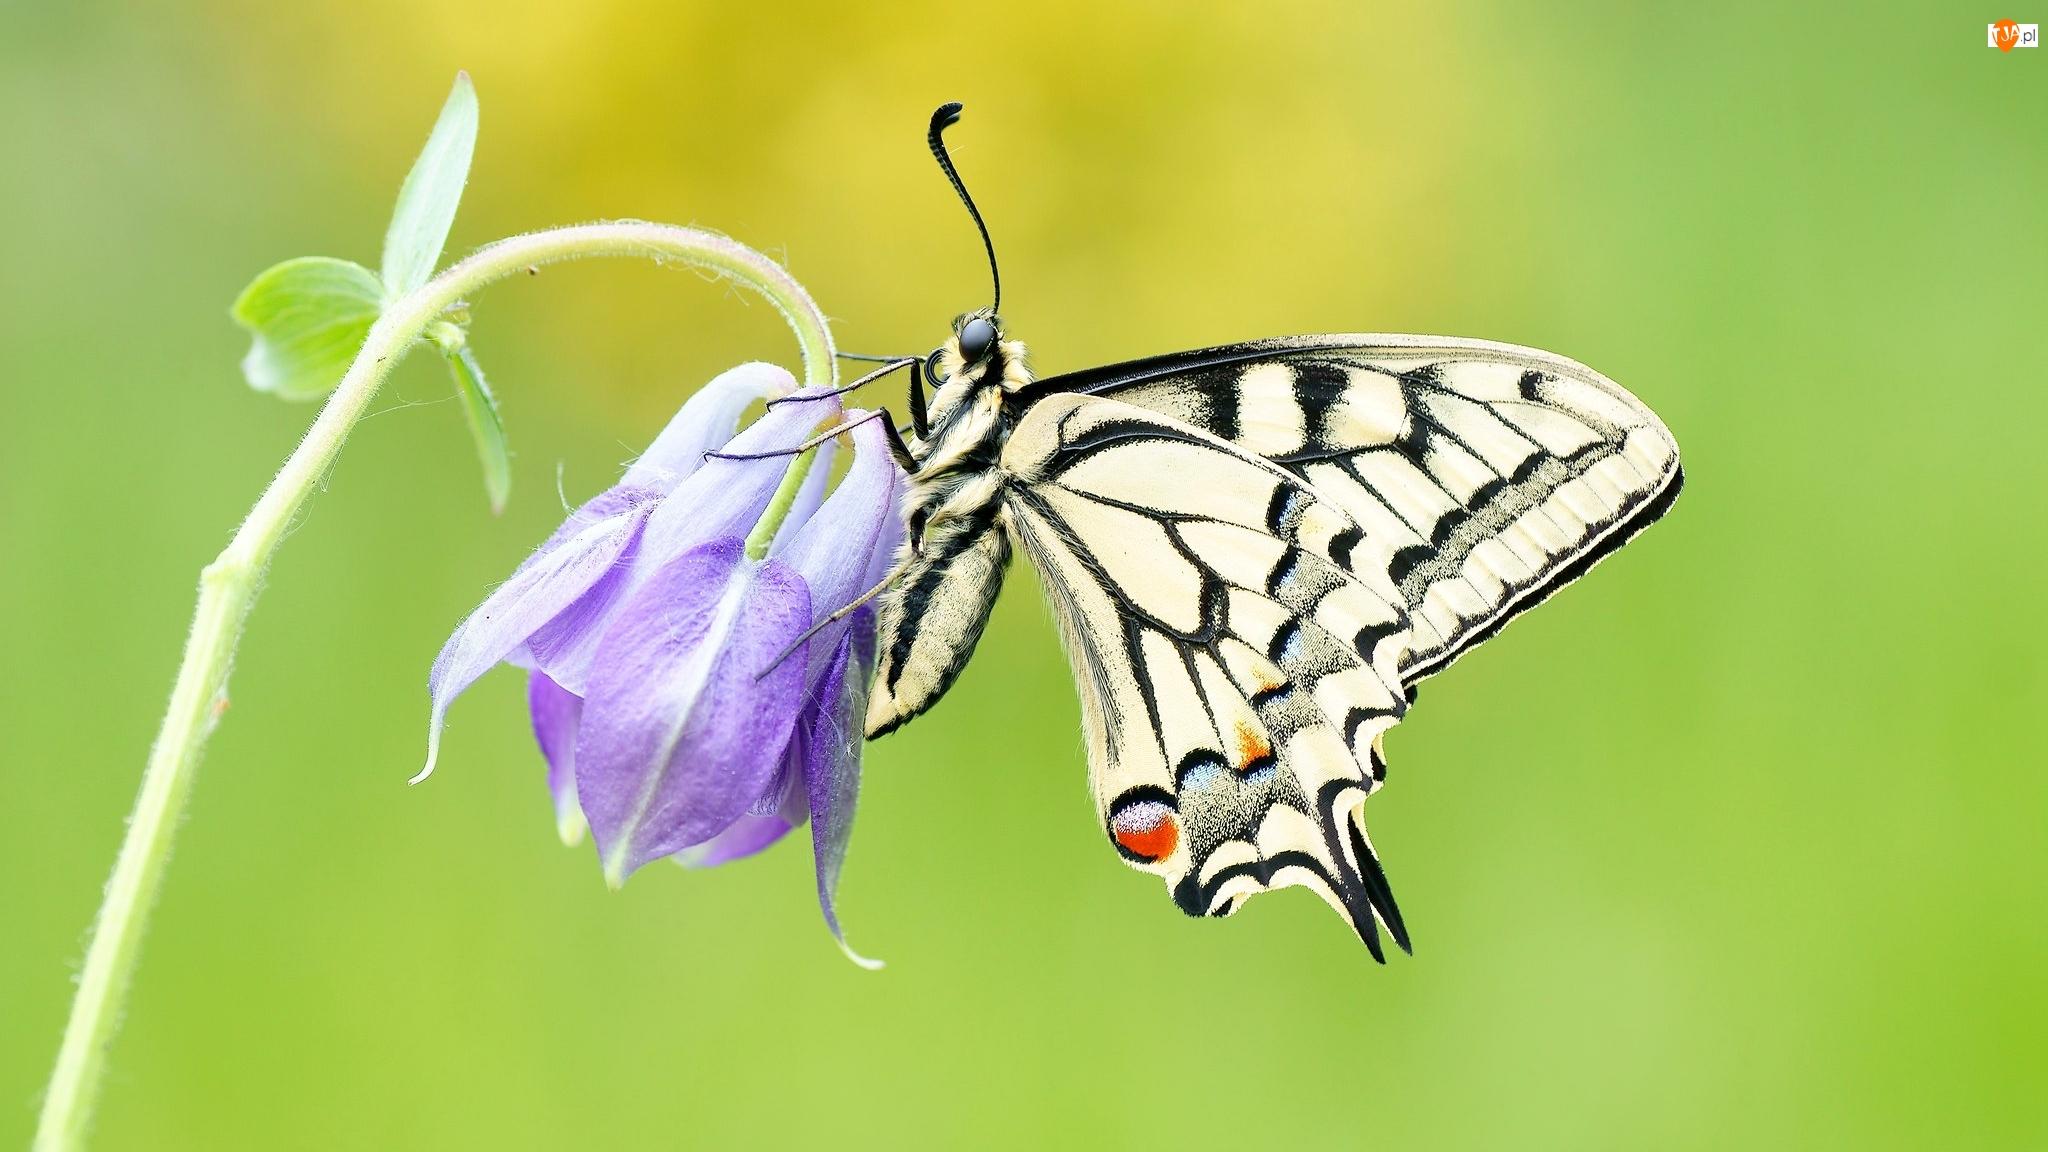 Fioletowy, Zbliżenie, Paź królowej, Motyl, Kwiat